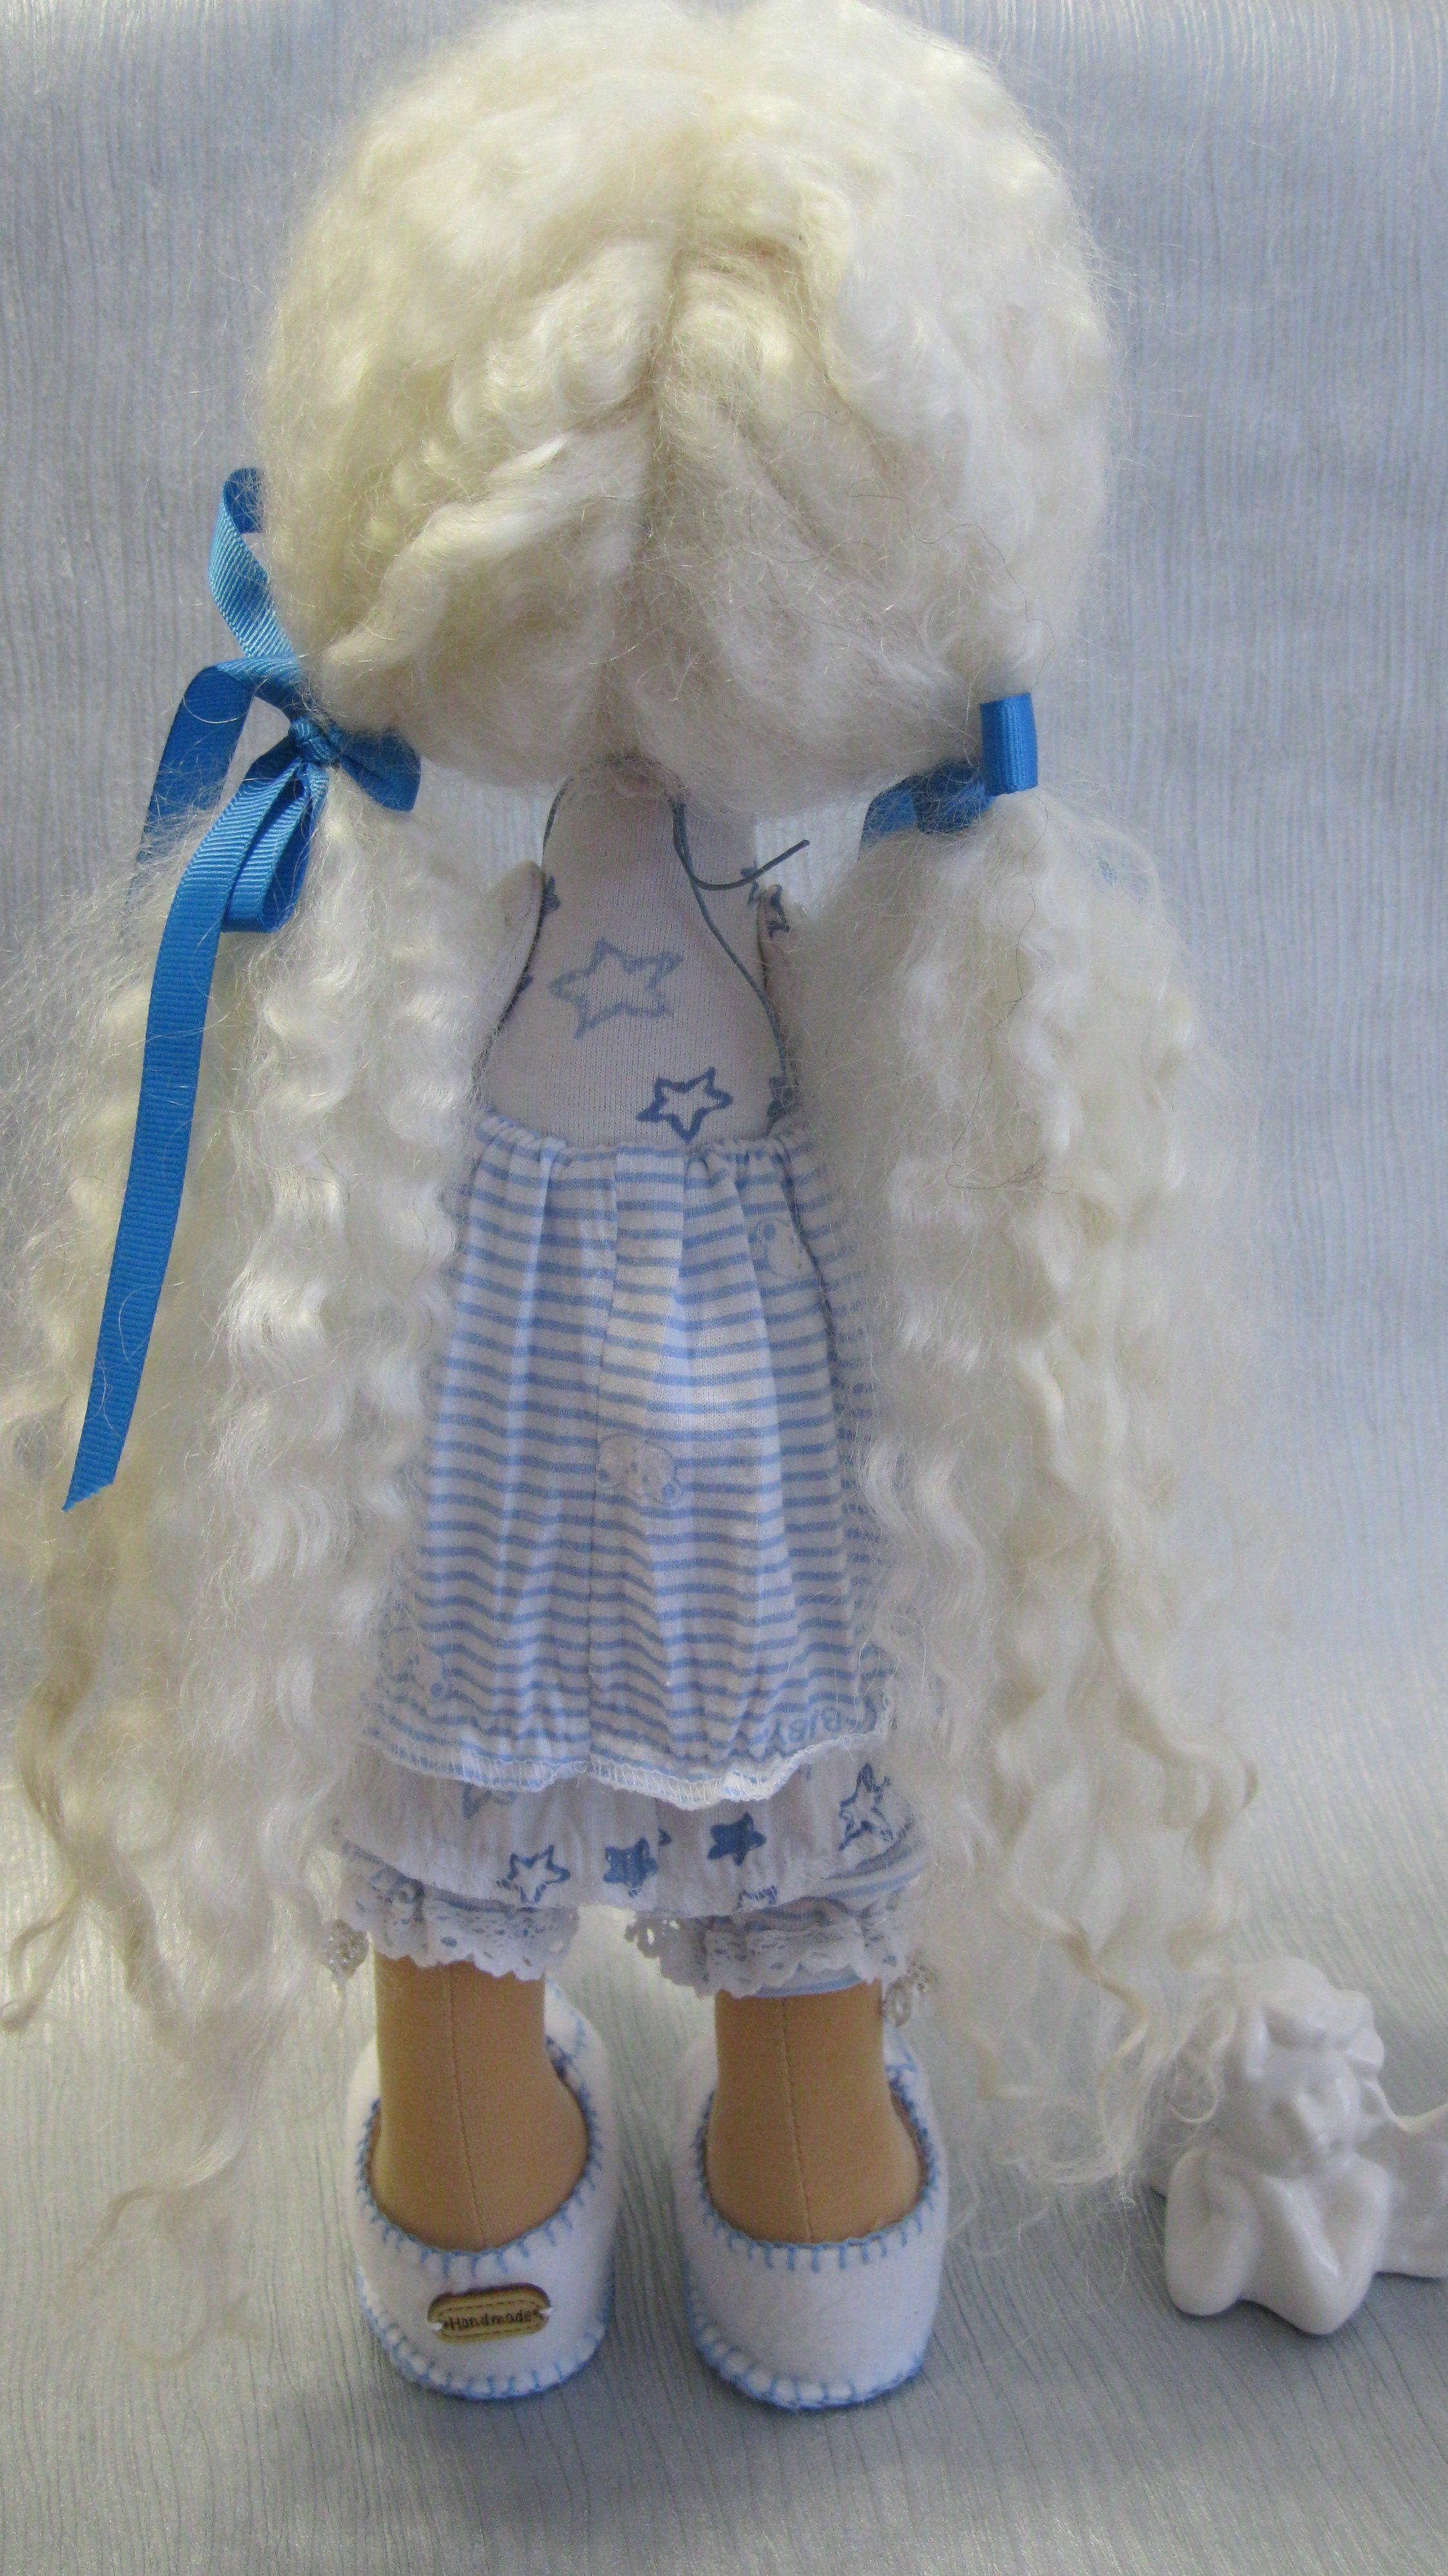 tilda снежка купить работа кукла ручная hanlmade тильда куклу текстильная